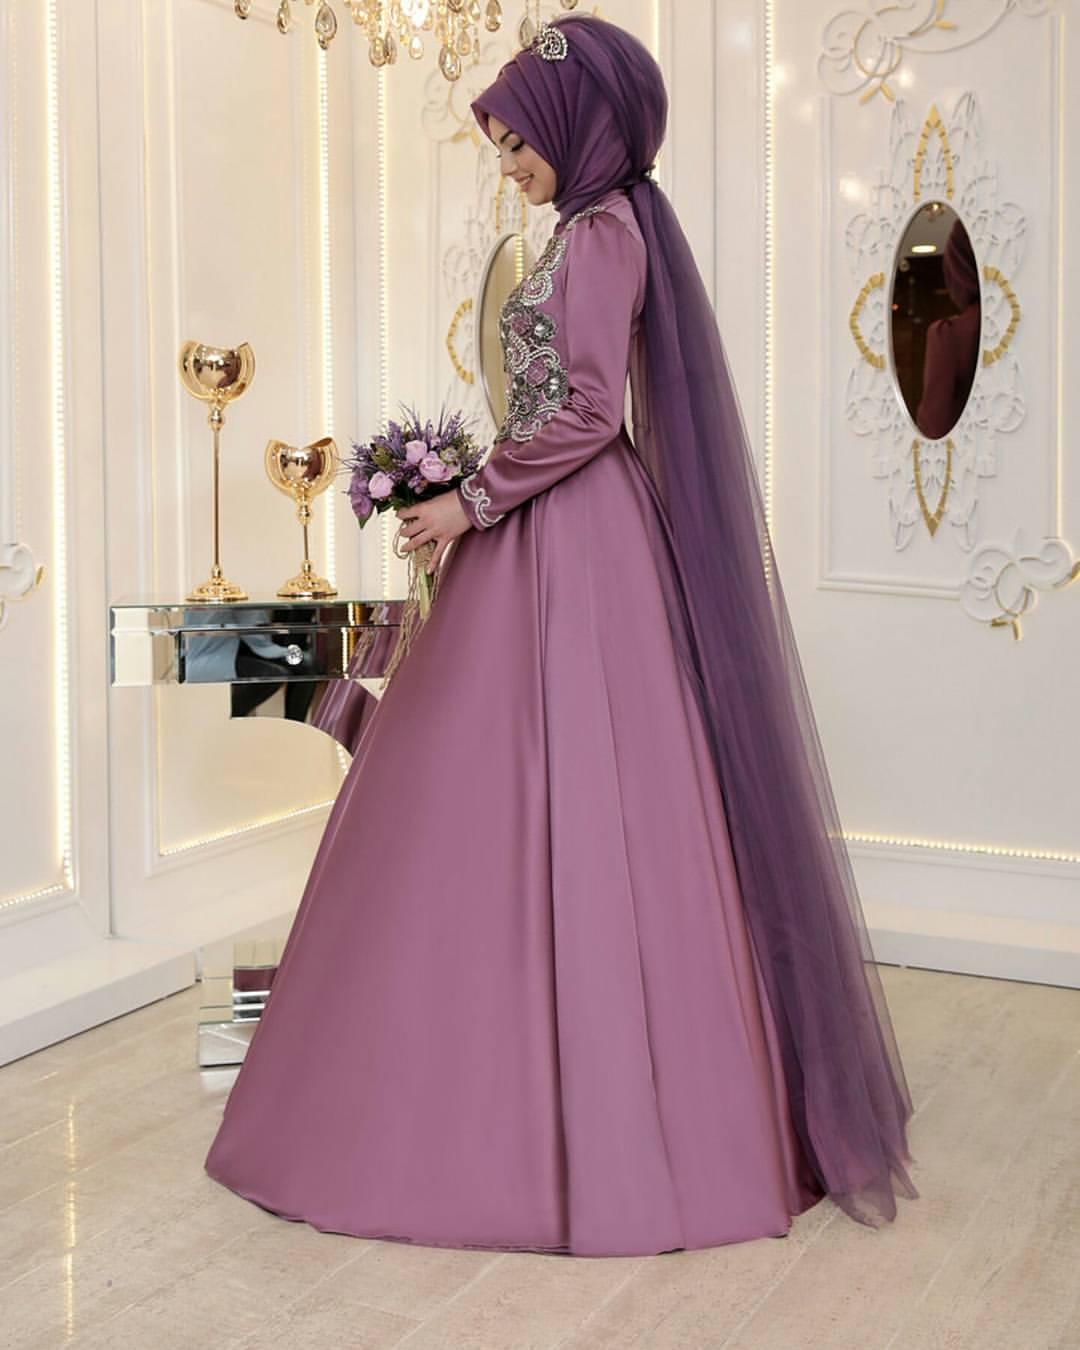 Pinarsems Abiye Modelleri 6 - 2018 Pınar Şems Abiye Modelleri